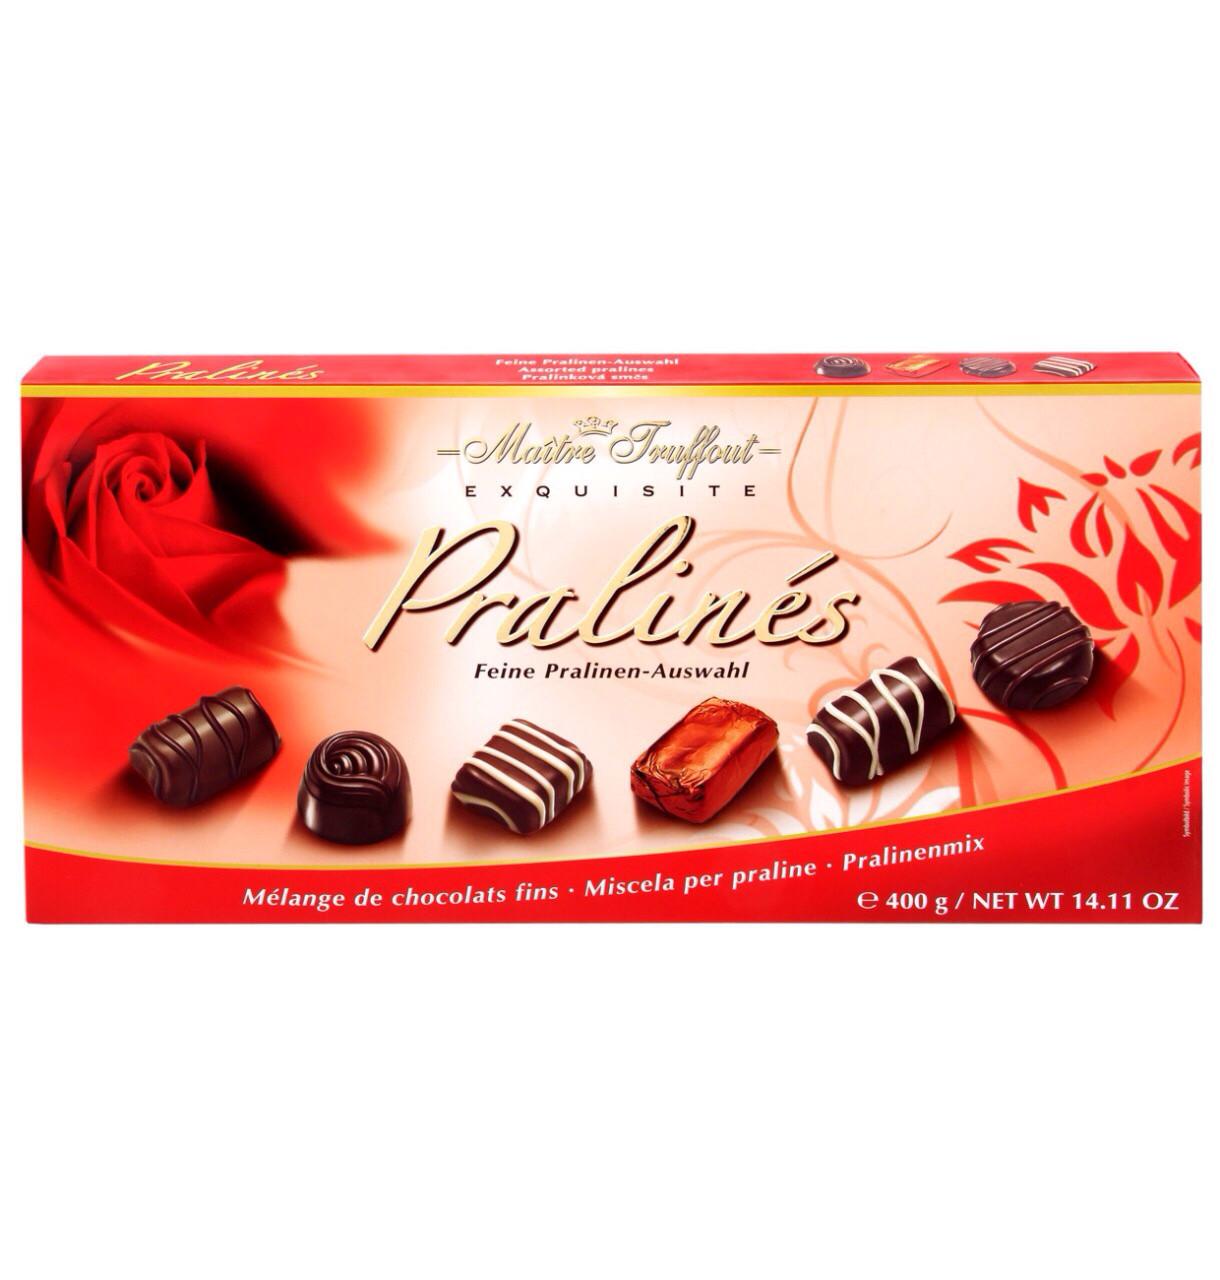 Шоколадные конфеты Maitre Truffout Exquisite Pralines с пралине 400 г Австрия